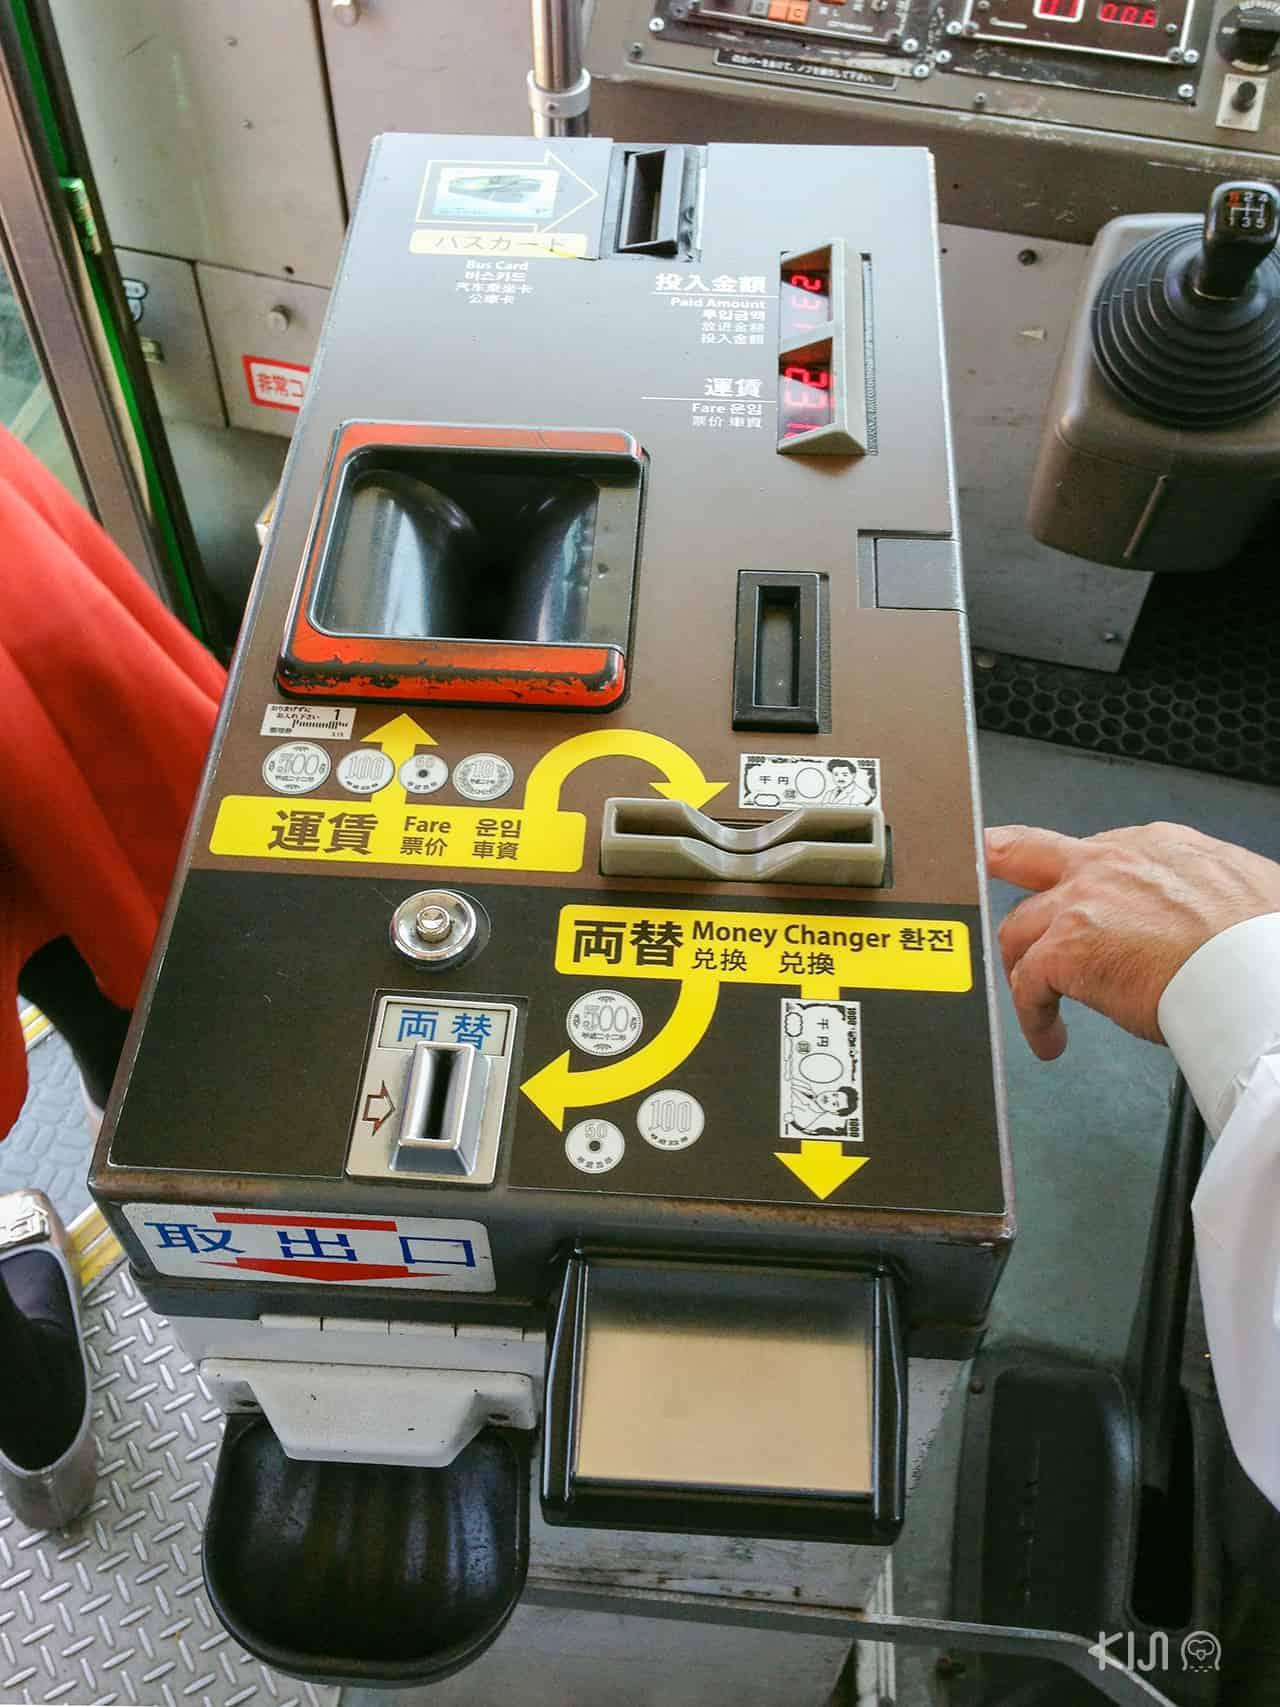 เครื่องจ่ายเงินอัตโนมัติบนรถเมล์ที่ญี่ปุ่น